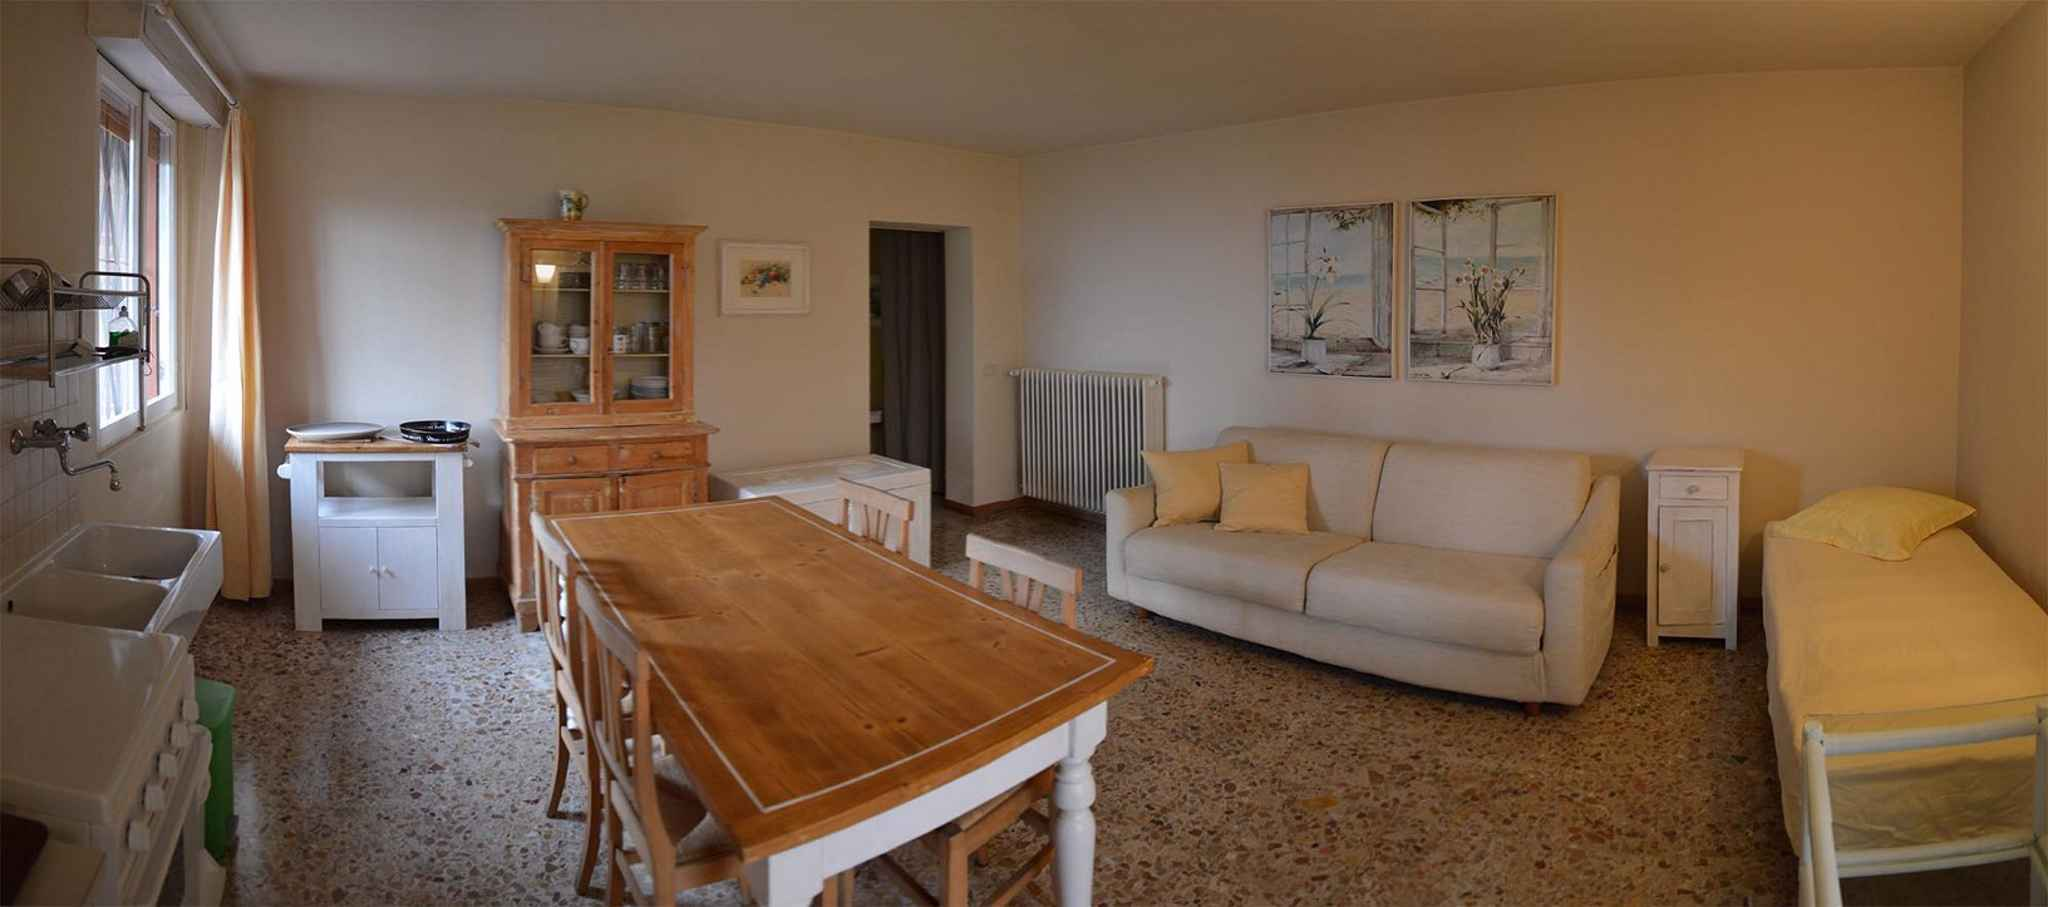 Ferienwohnung 400 m vom See mit Garten und Grill (1670470), Padenghe sul Garda, Gardasee, Lombardei, Italien, Bild 37